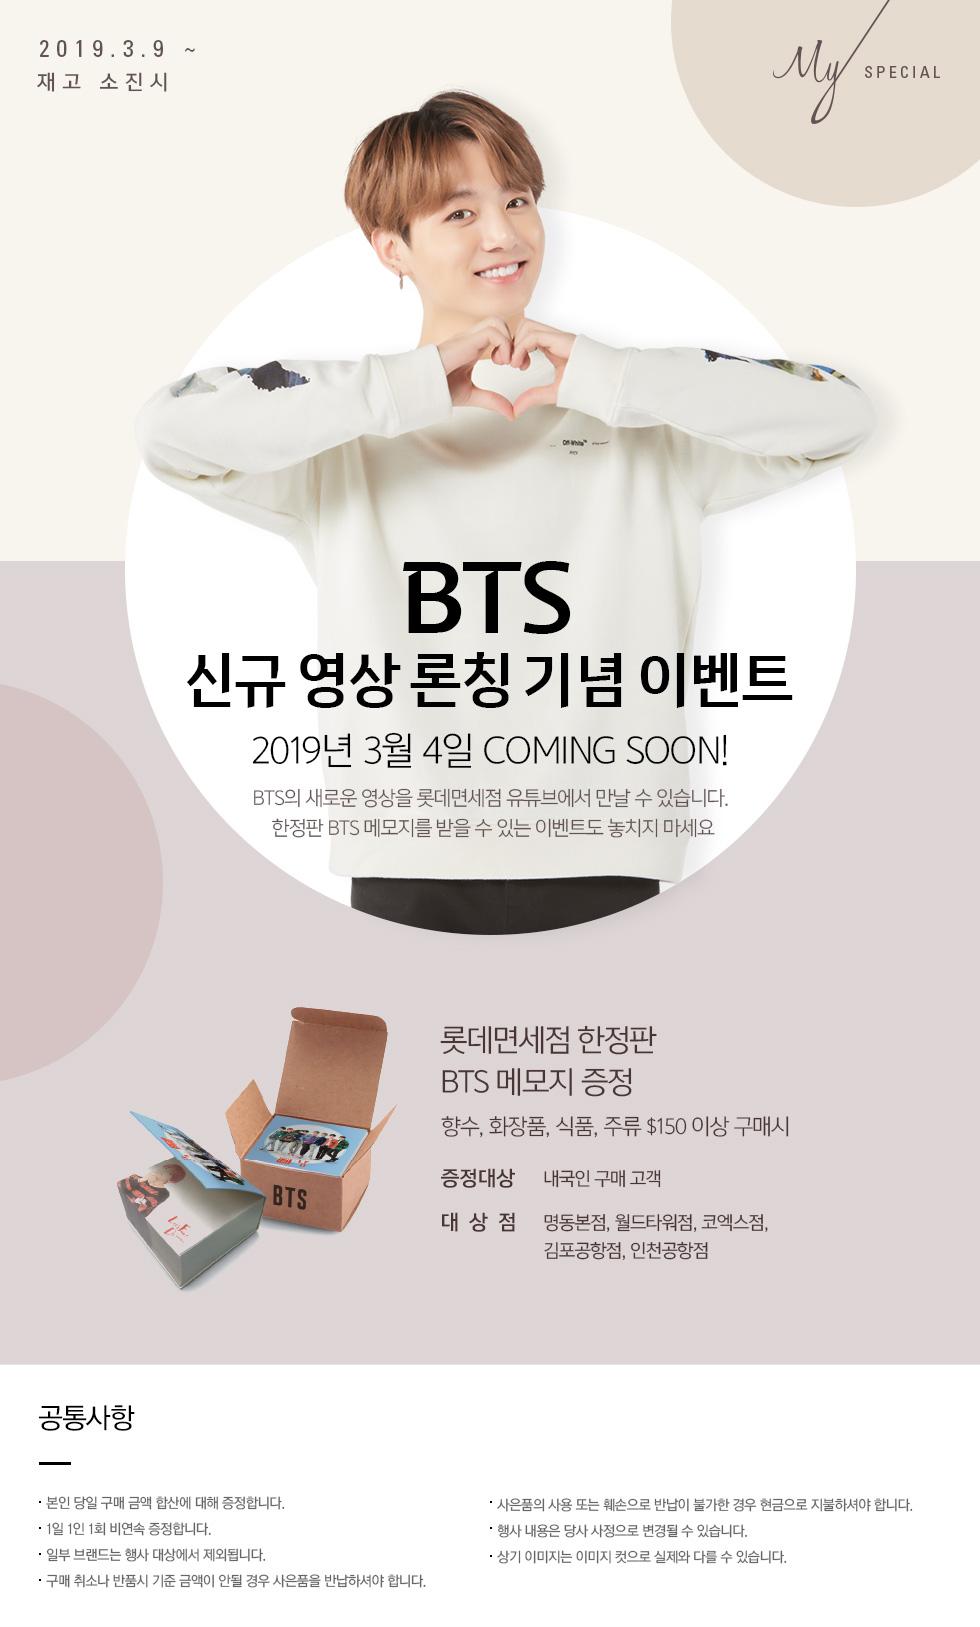 BTS 신규 영상 론칭 기념 이벤트